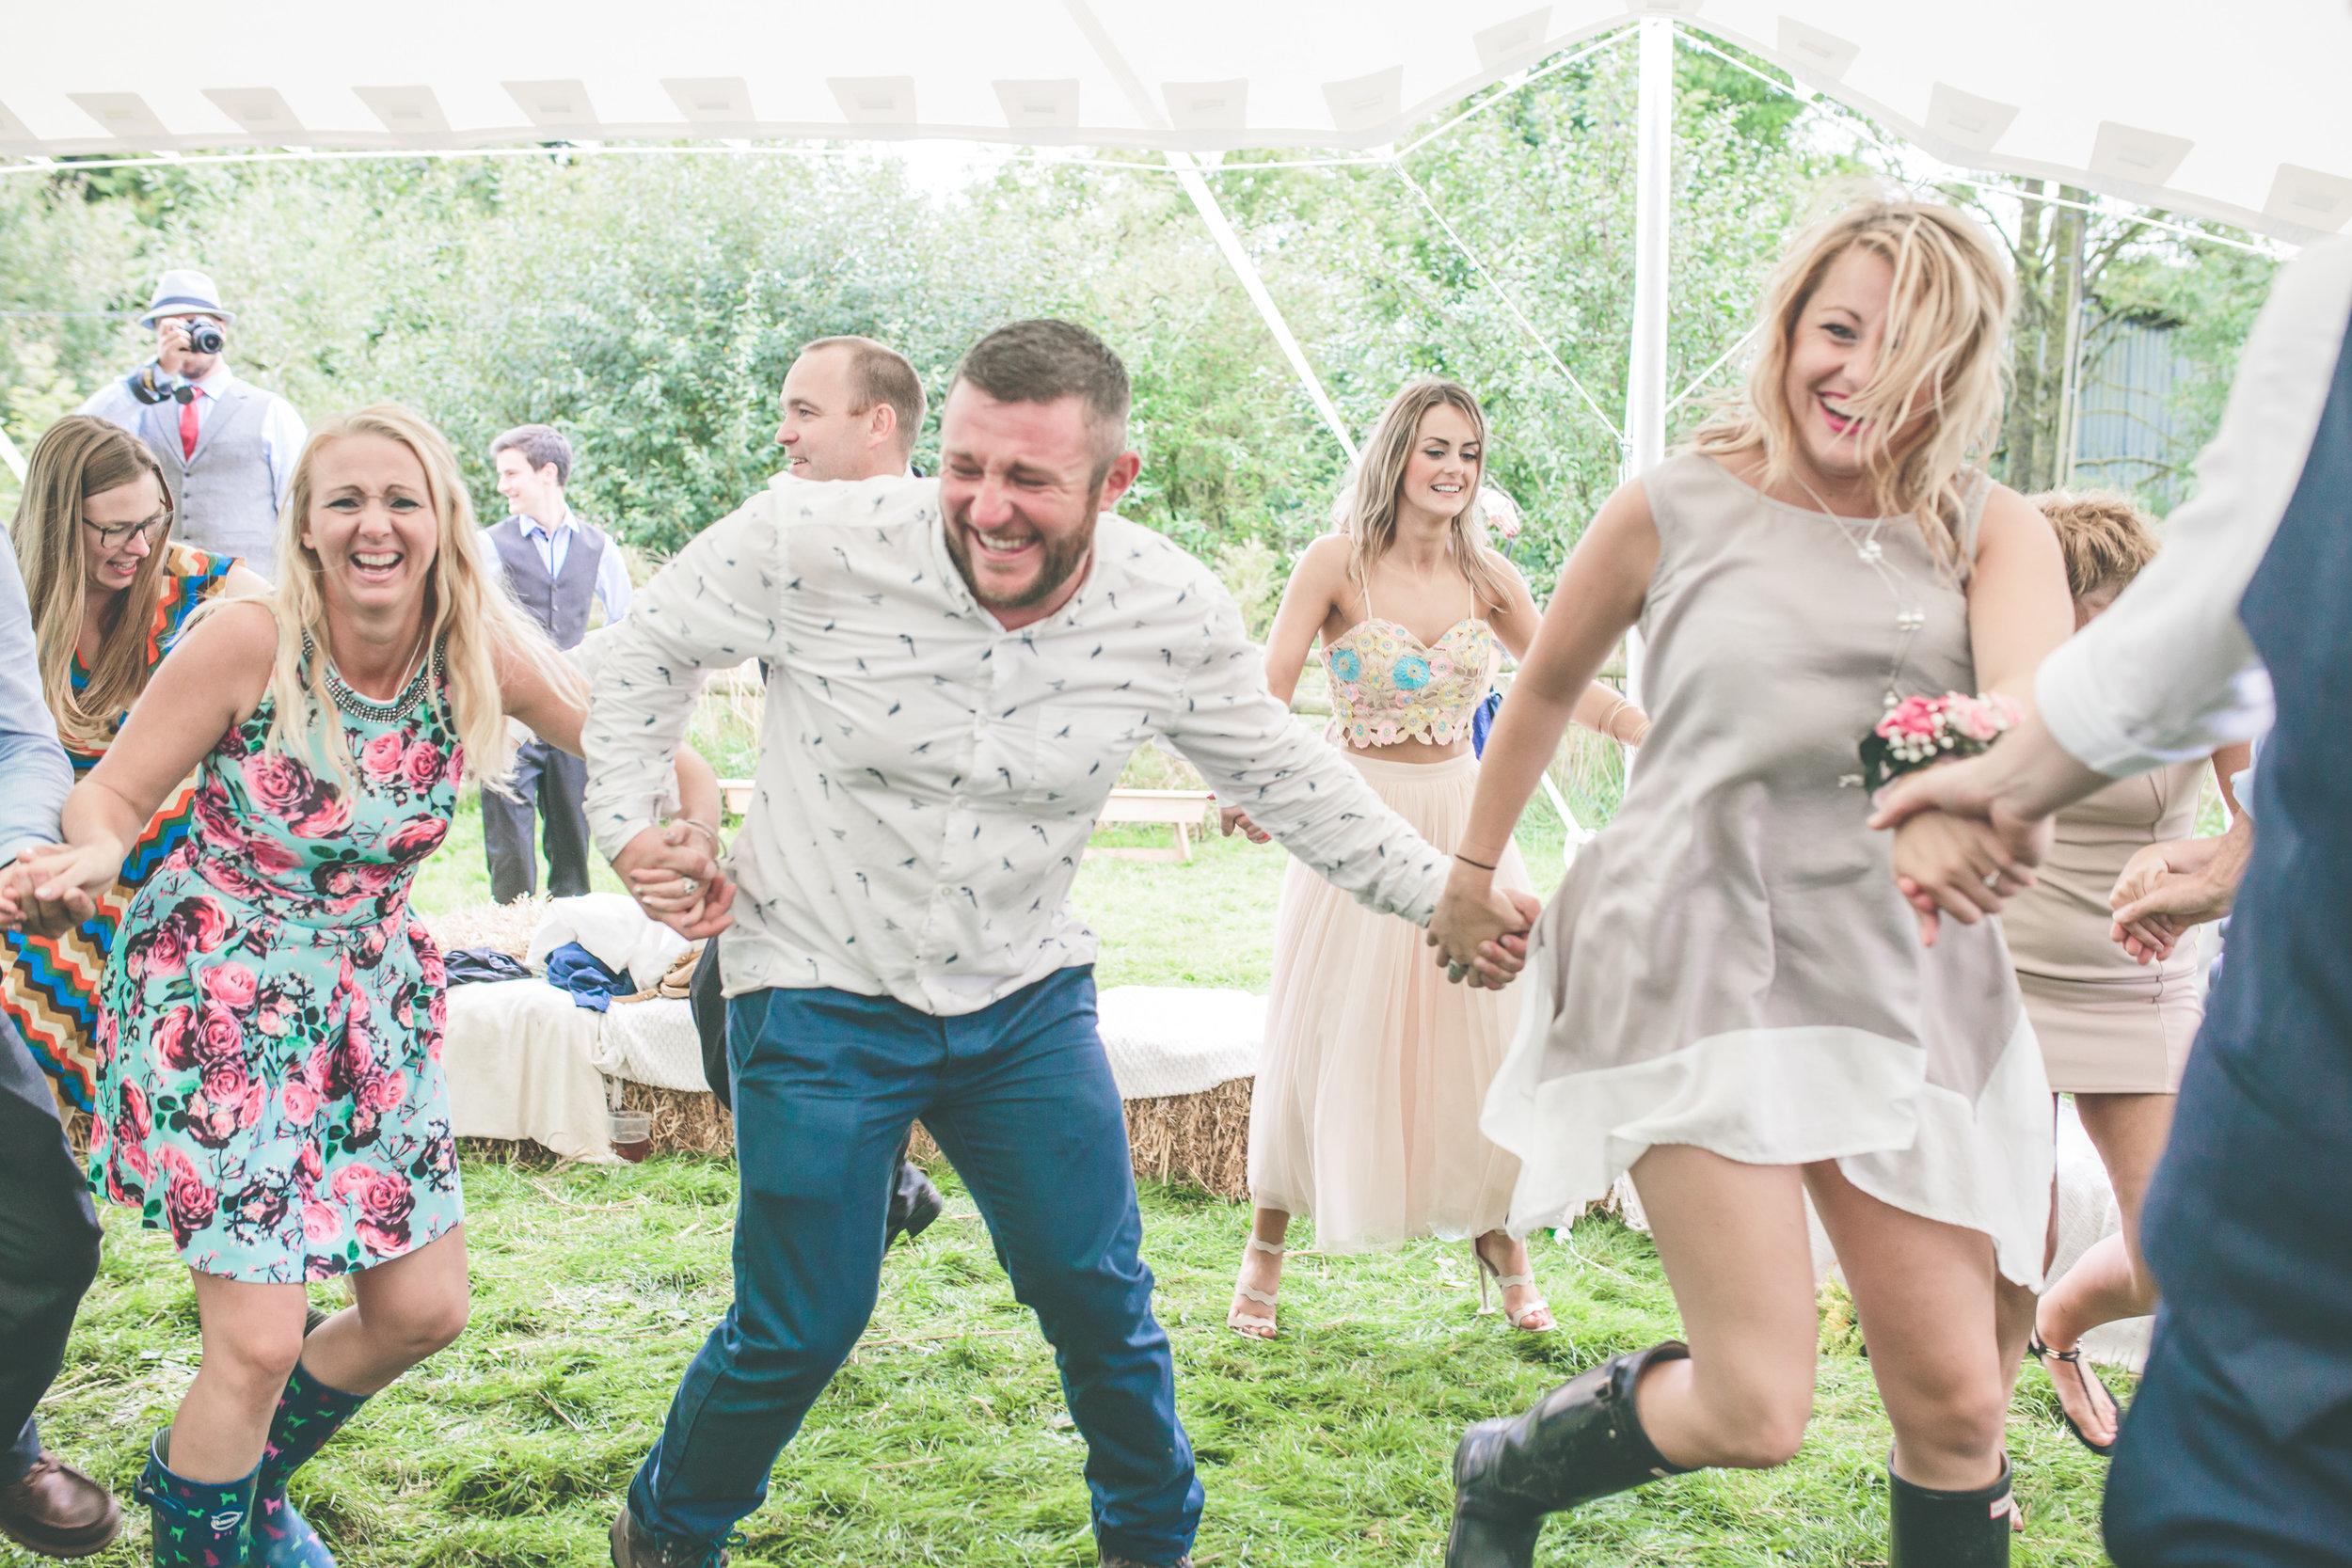 Mahoralls_Cider_Farm_Wedding_Shropshire_Sammy_Jack-299.jpg